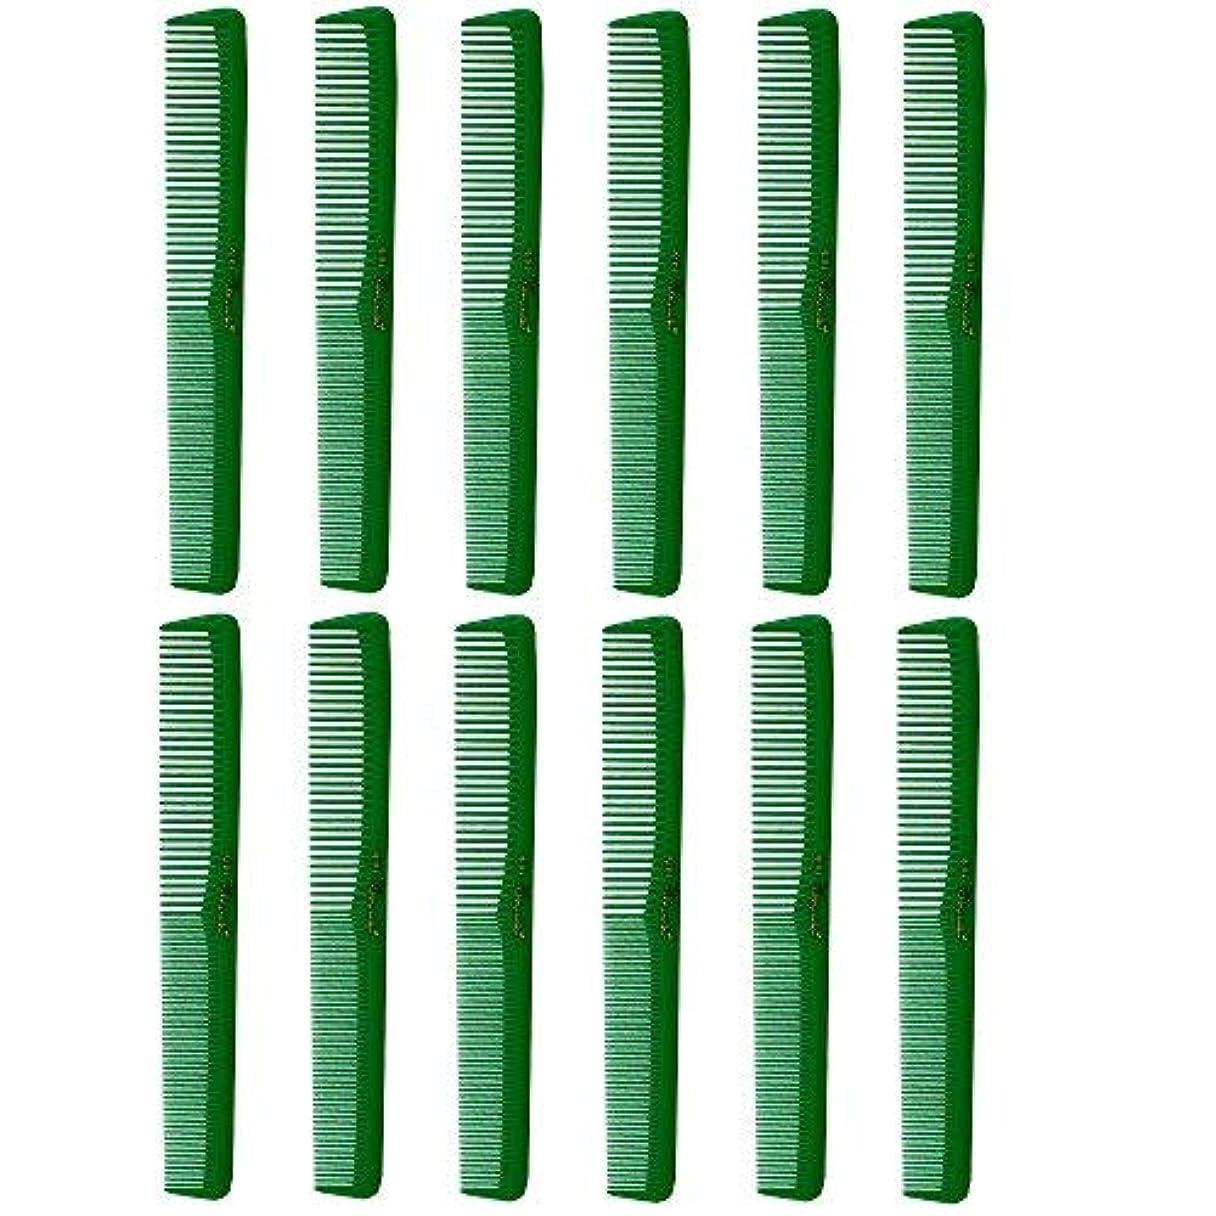 開始起訴する着替えるBarber Beauty Hair Cleopatra 400 All Purpose Combs (12 Pack) 12 x SB-C400-GREEN [並行輸入品]